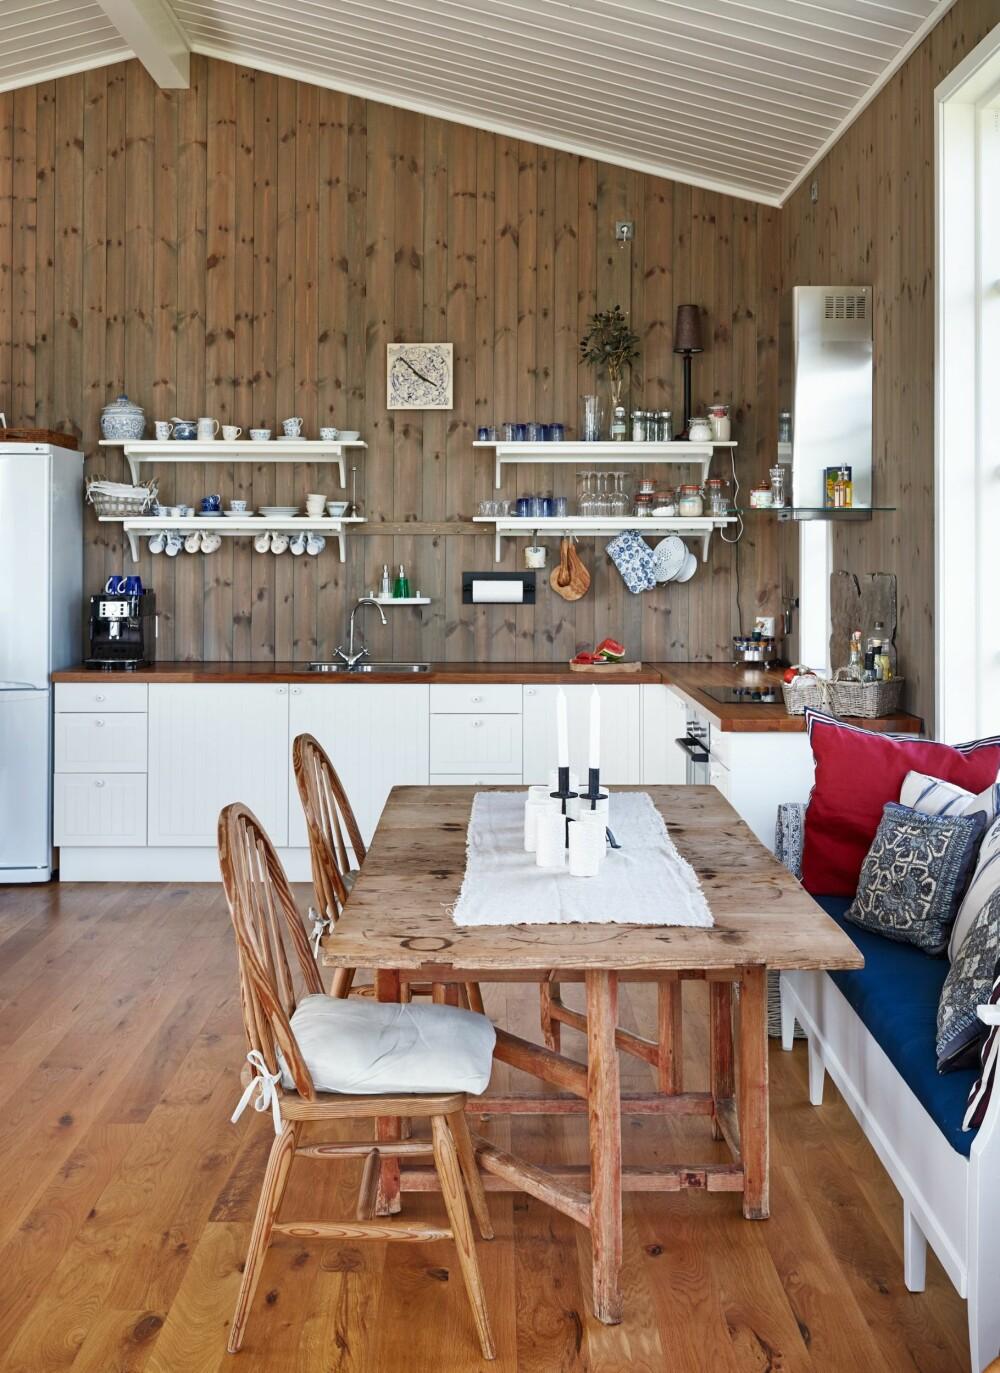 MØBLER MED HISTORIKK: Spisebordet er kjøpt hos en brukthandler i 1985 og har fulgt familien siden. Stolene er fra Falk Møbler i Drammen og benken ble kjøpt via en nettannonse. Det var vanskelig å finne en slagbenk som passet på en sommerhytte. Denne kom fra Sverige og var litt sliten, men er pusset opp og malt.